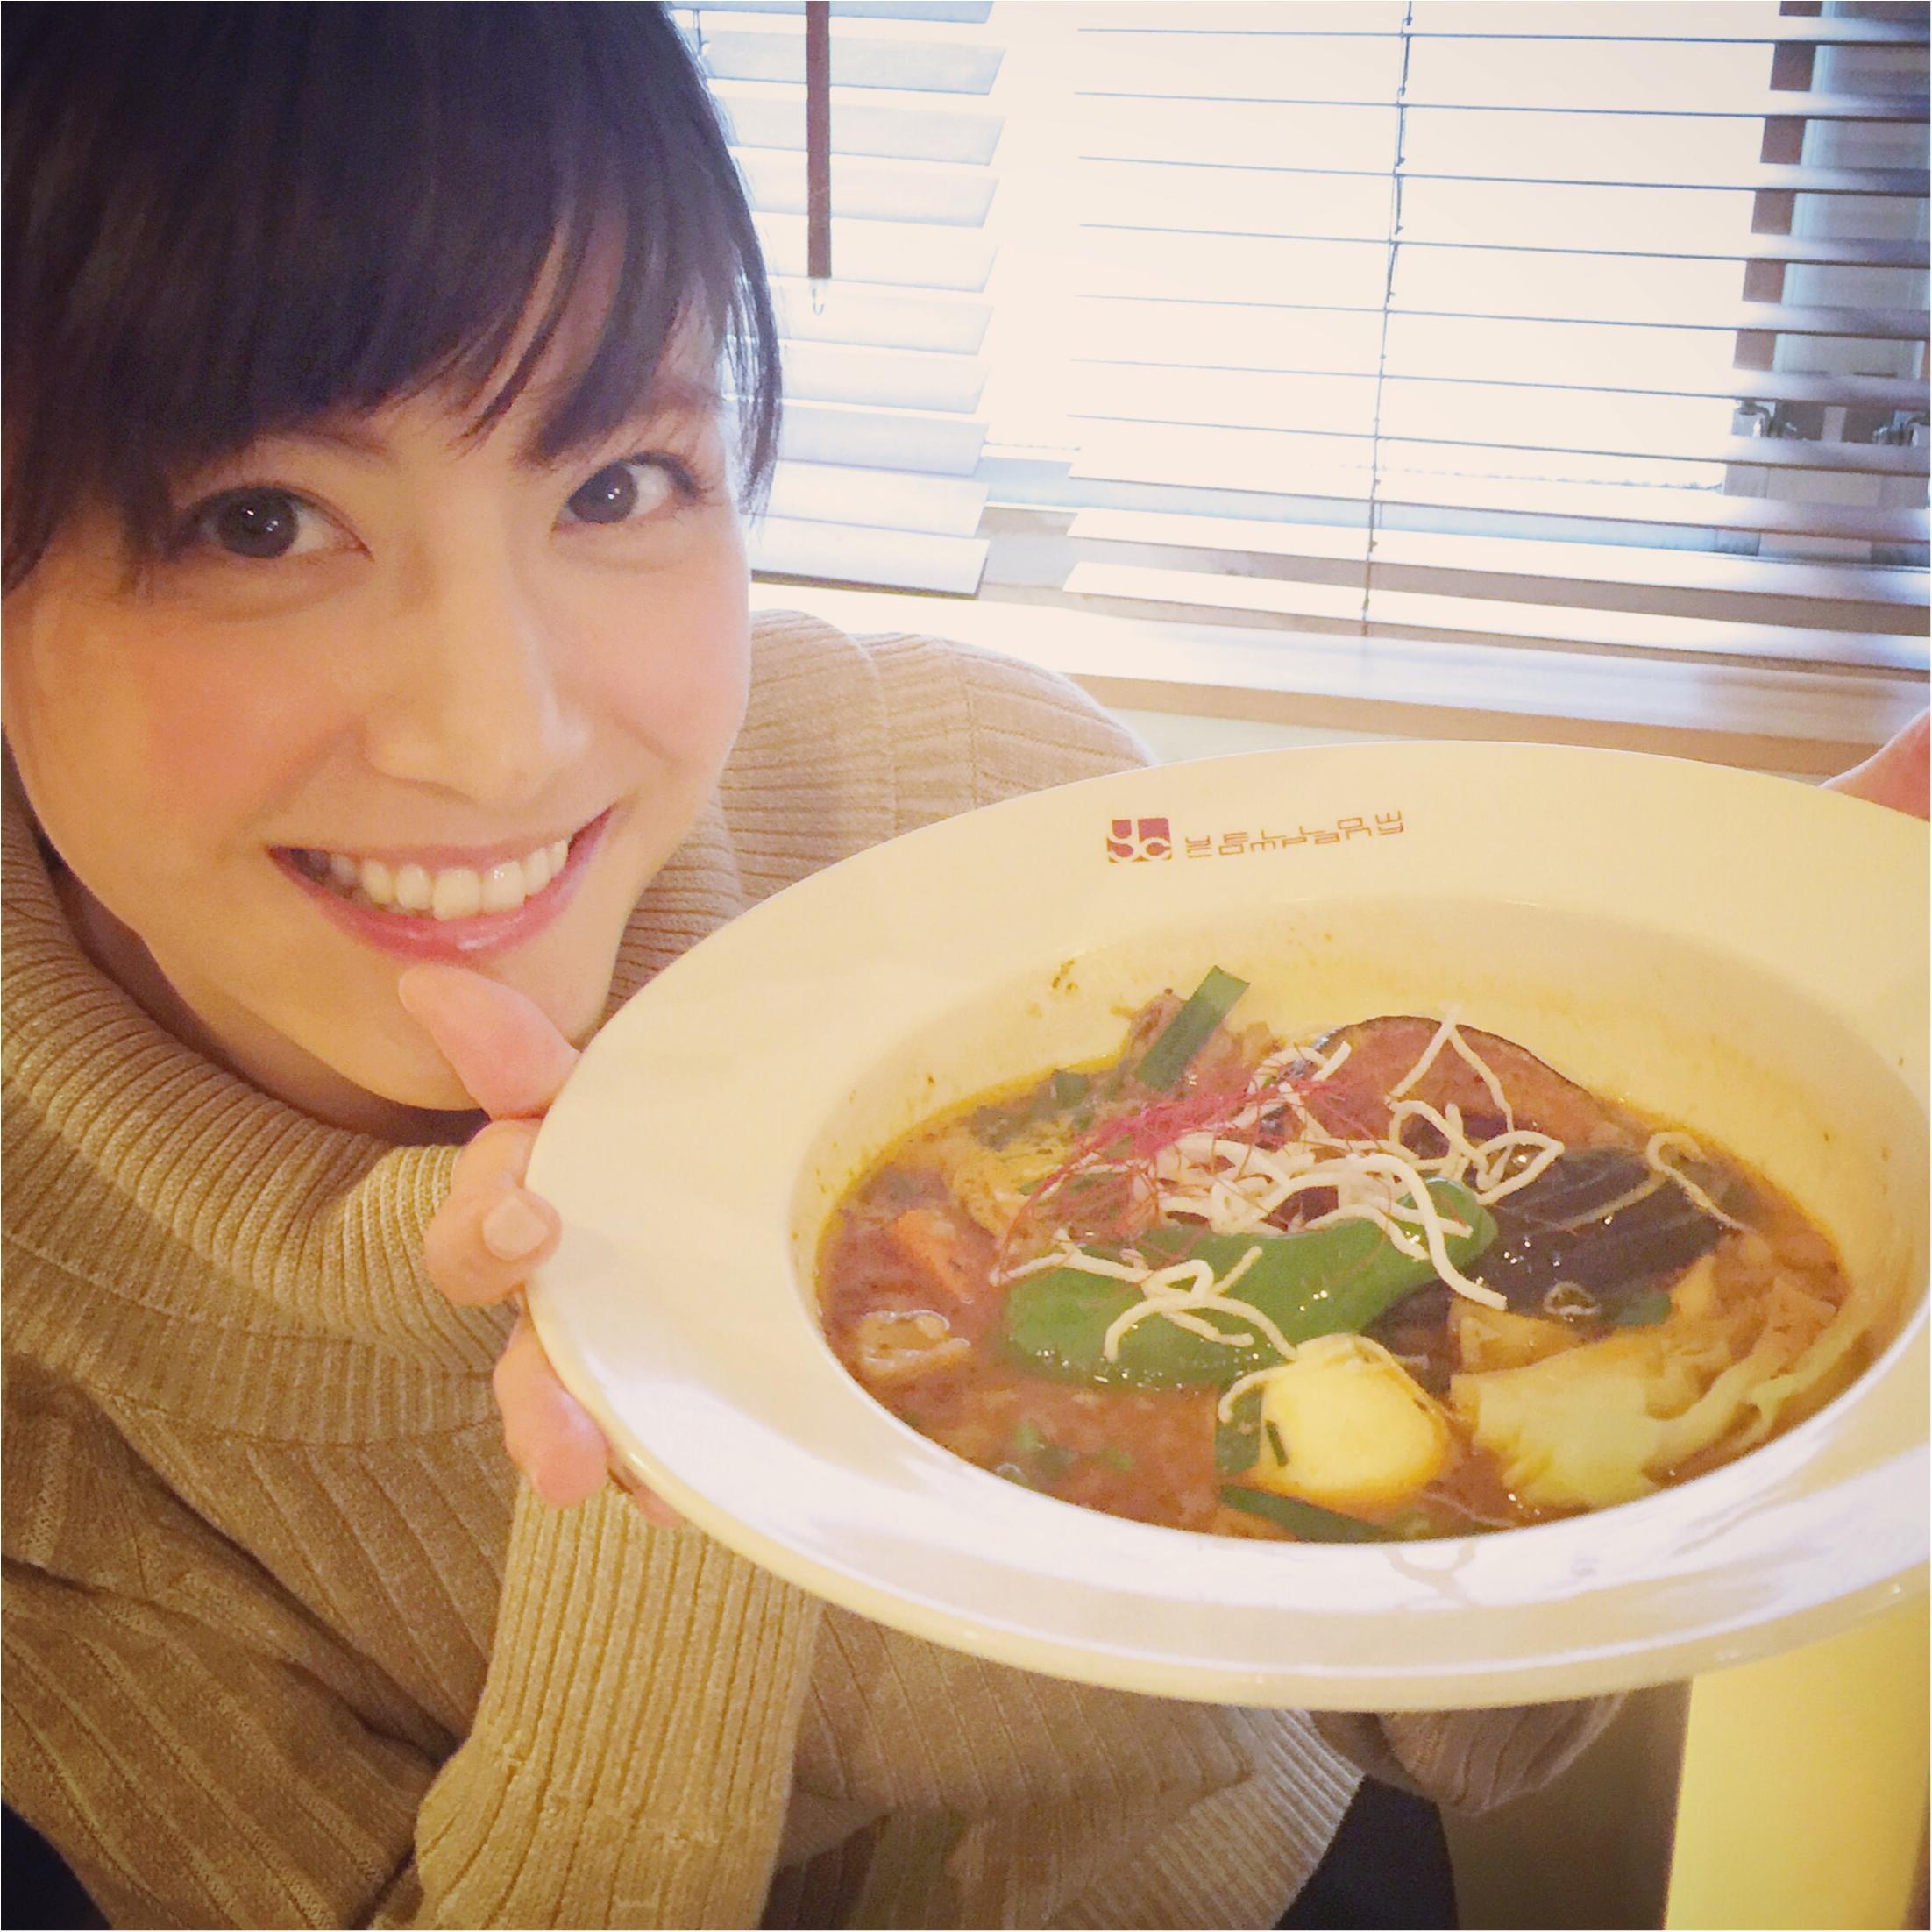 【オフショット】佐藤ありさのバレンタインはスープカレー♡_1